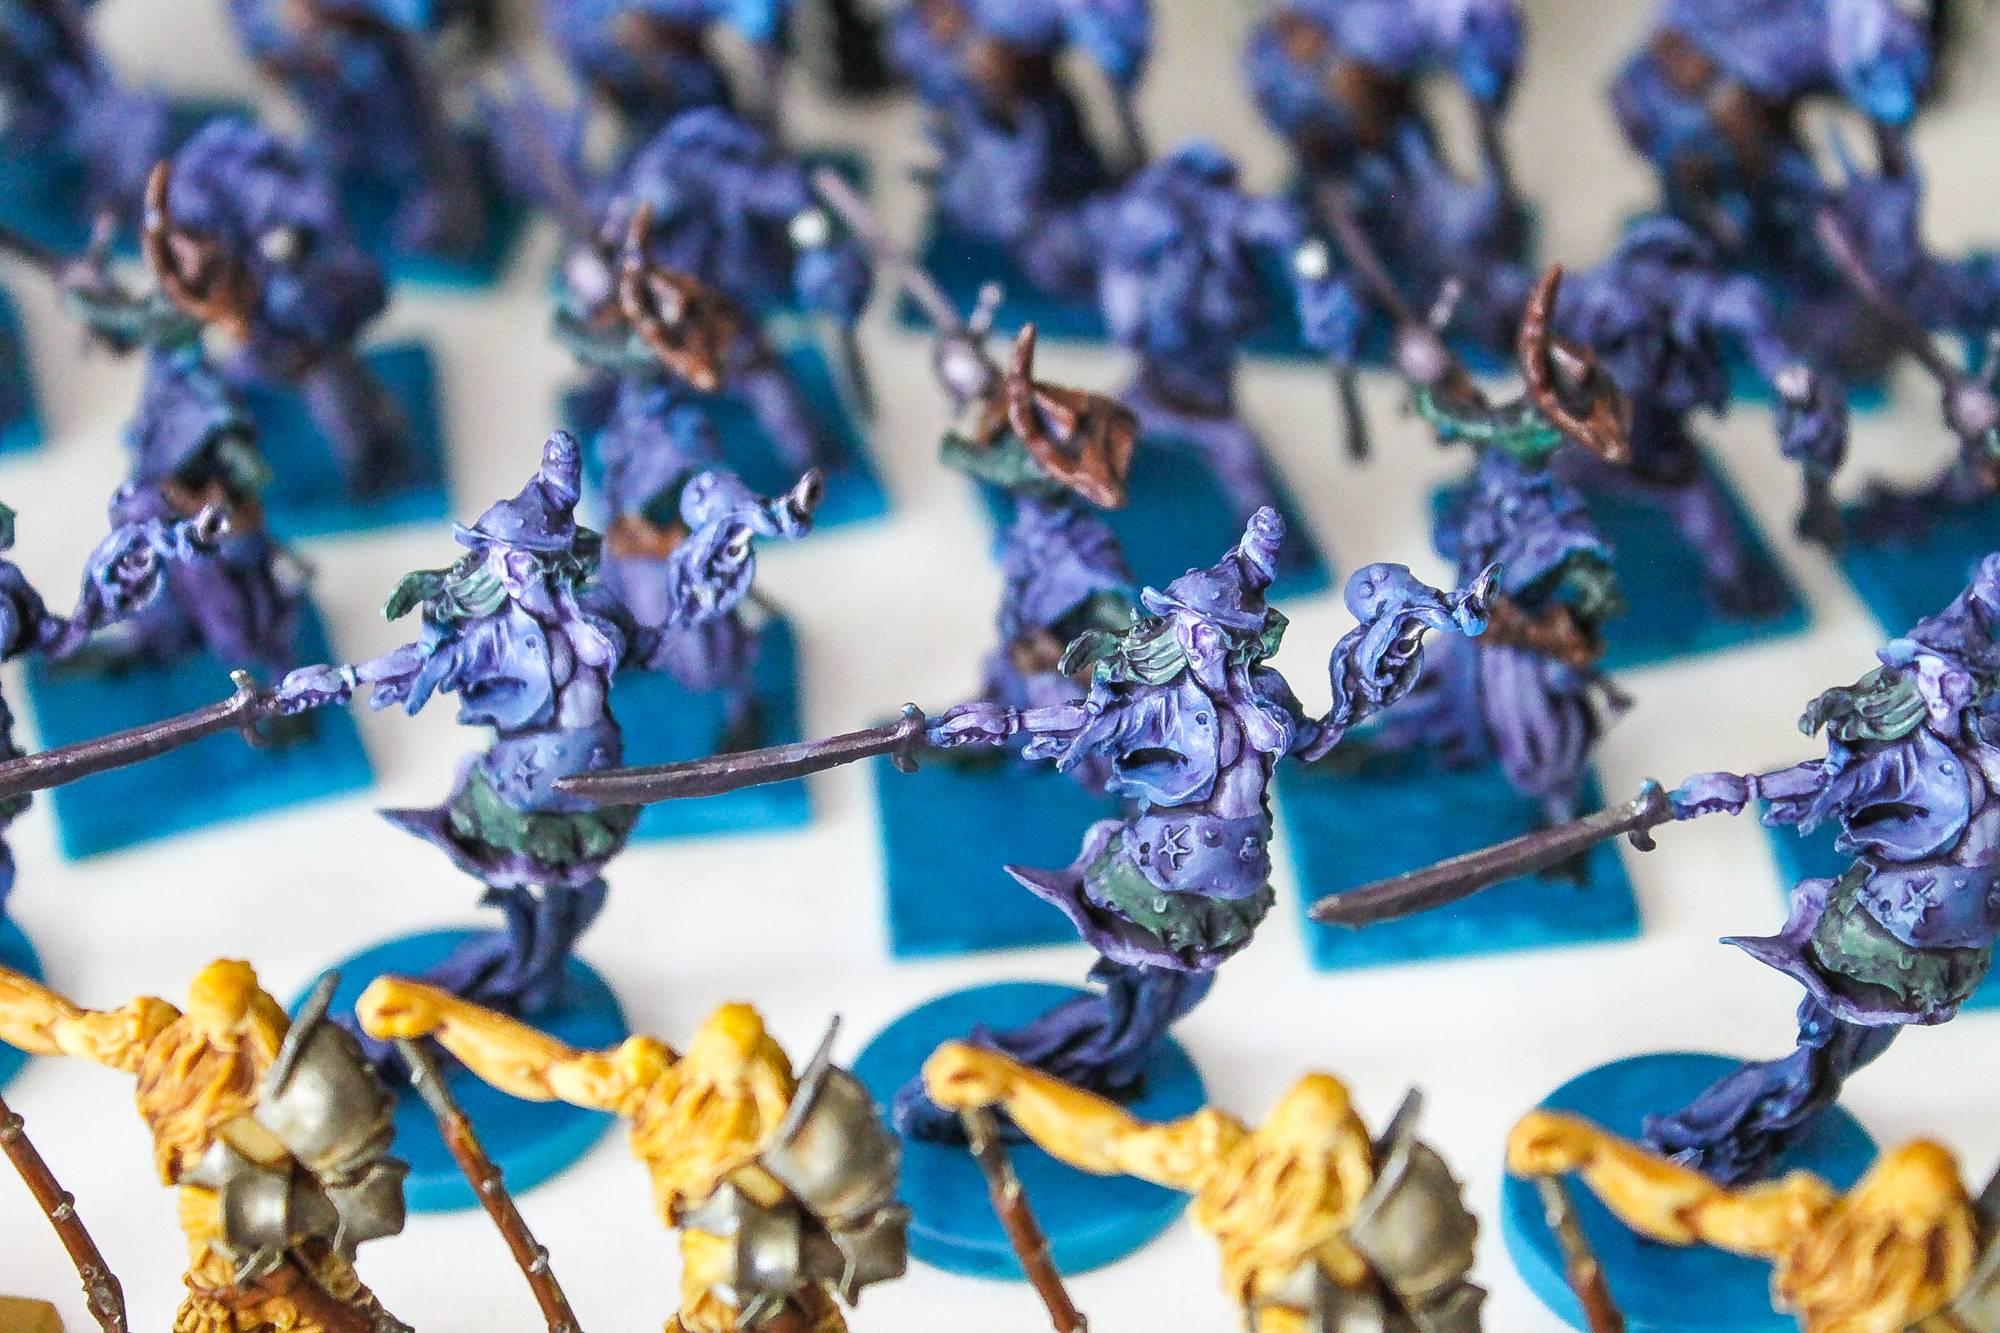 Фото: только поглядите на эти миниатюры пиратов из новой настолки! 3